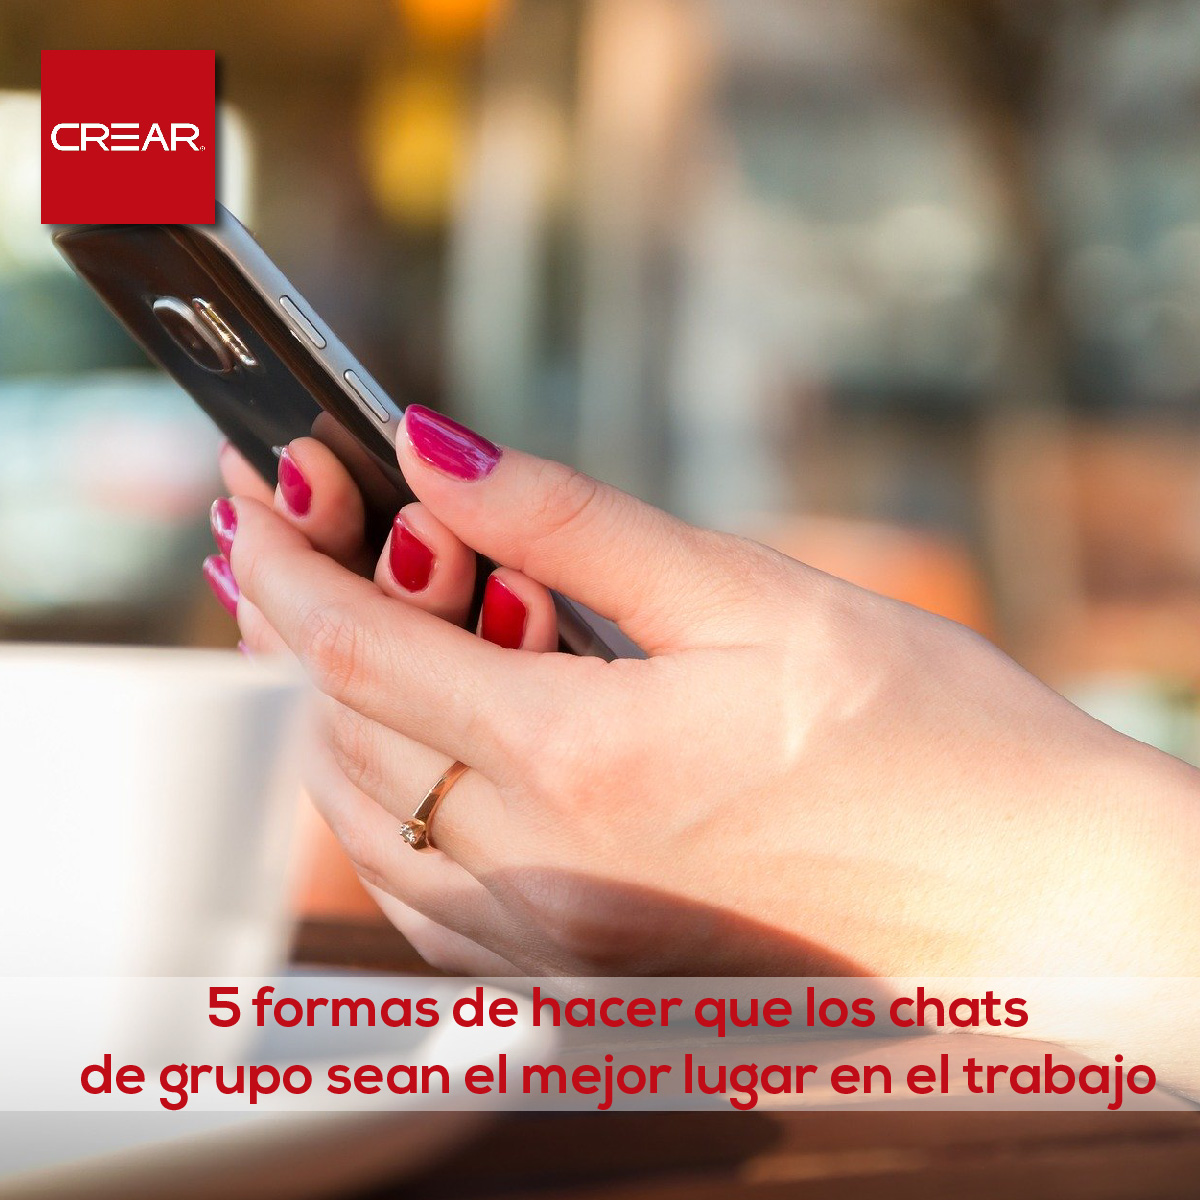 5 Formas De Hacer Que Los Chats De Grupo Sean El Mejor Lugar En El Trabajo